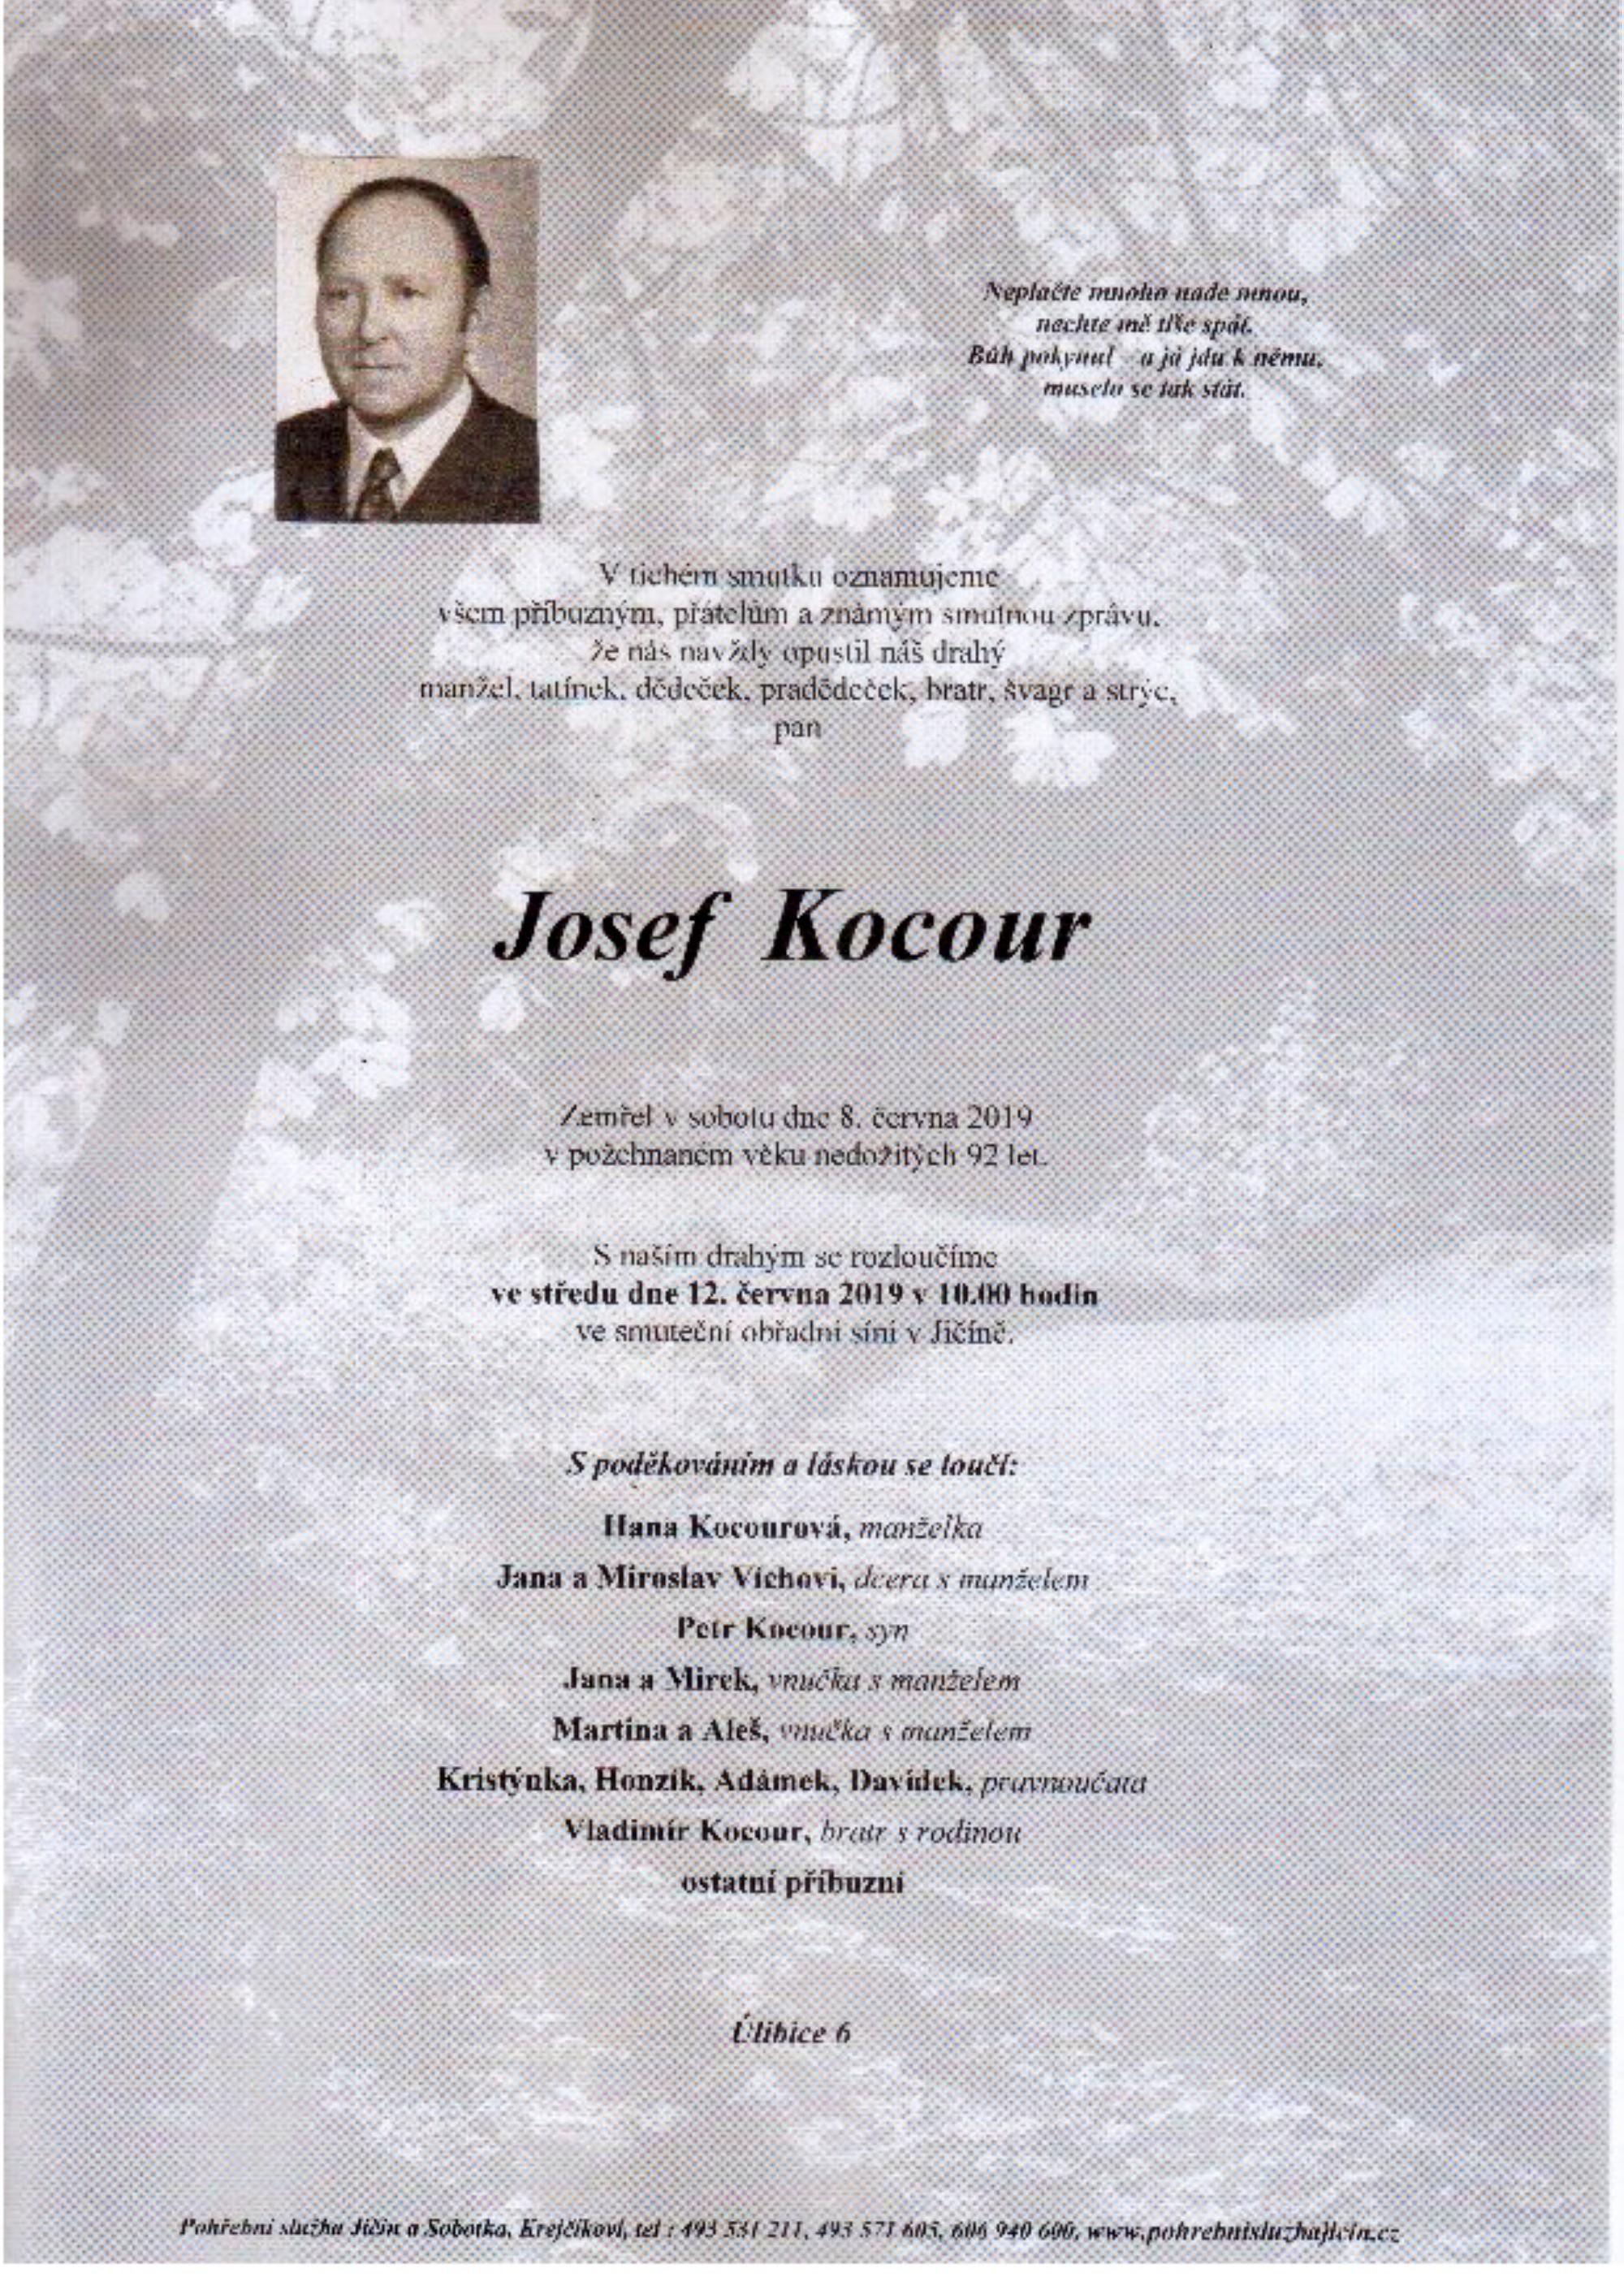 Josef Kocour